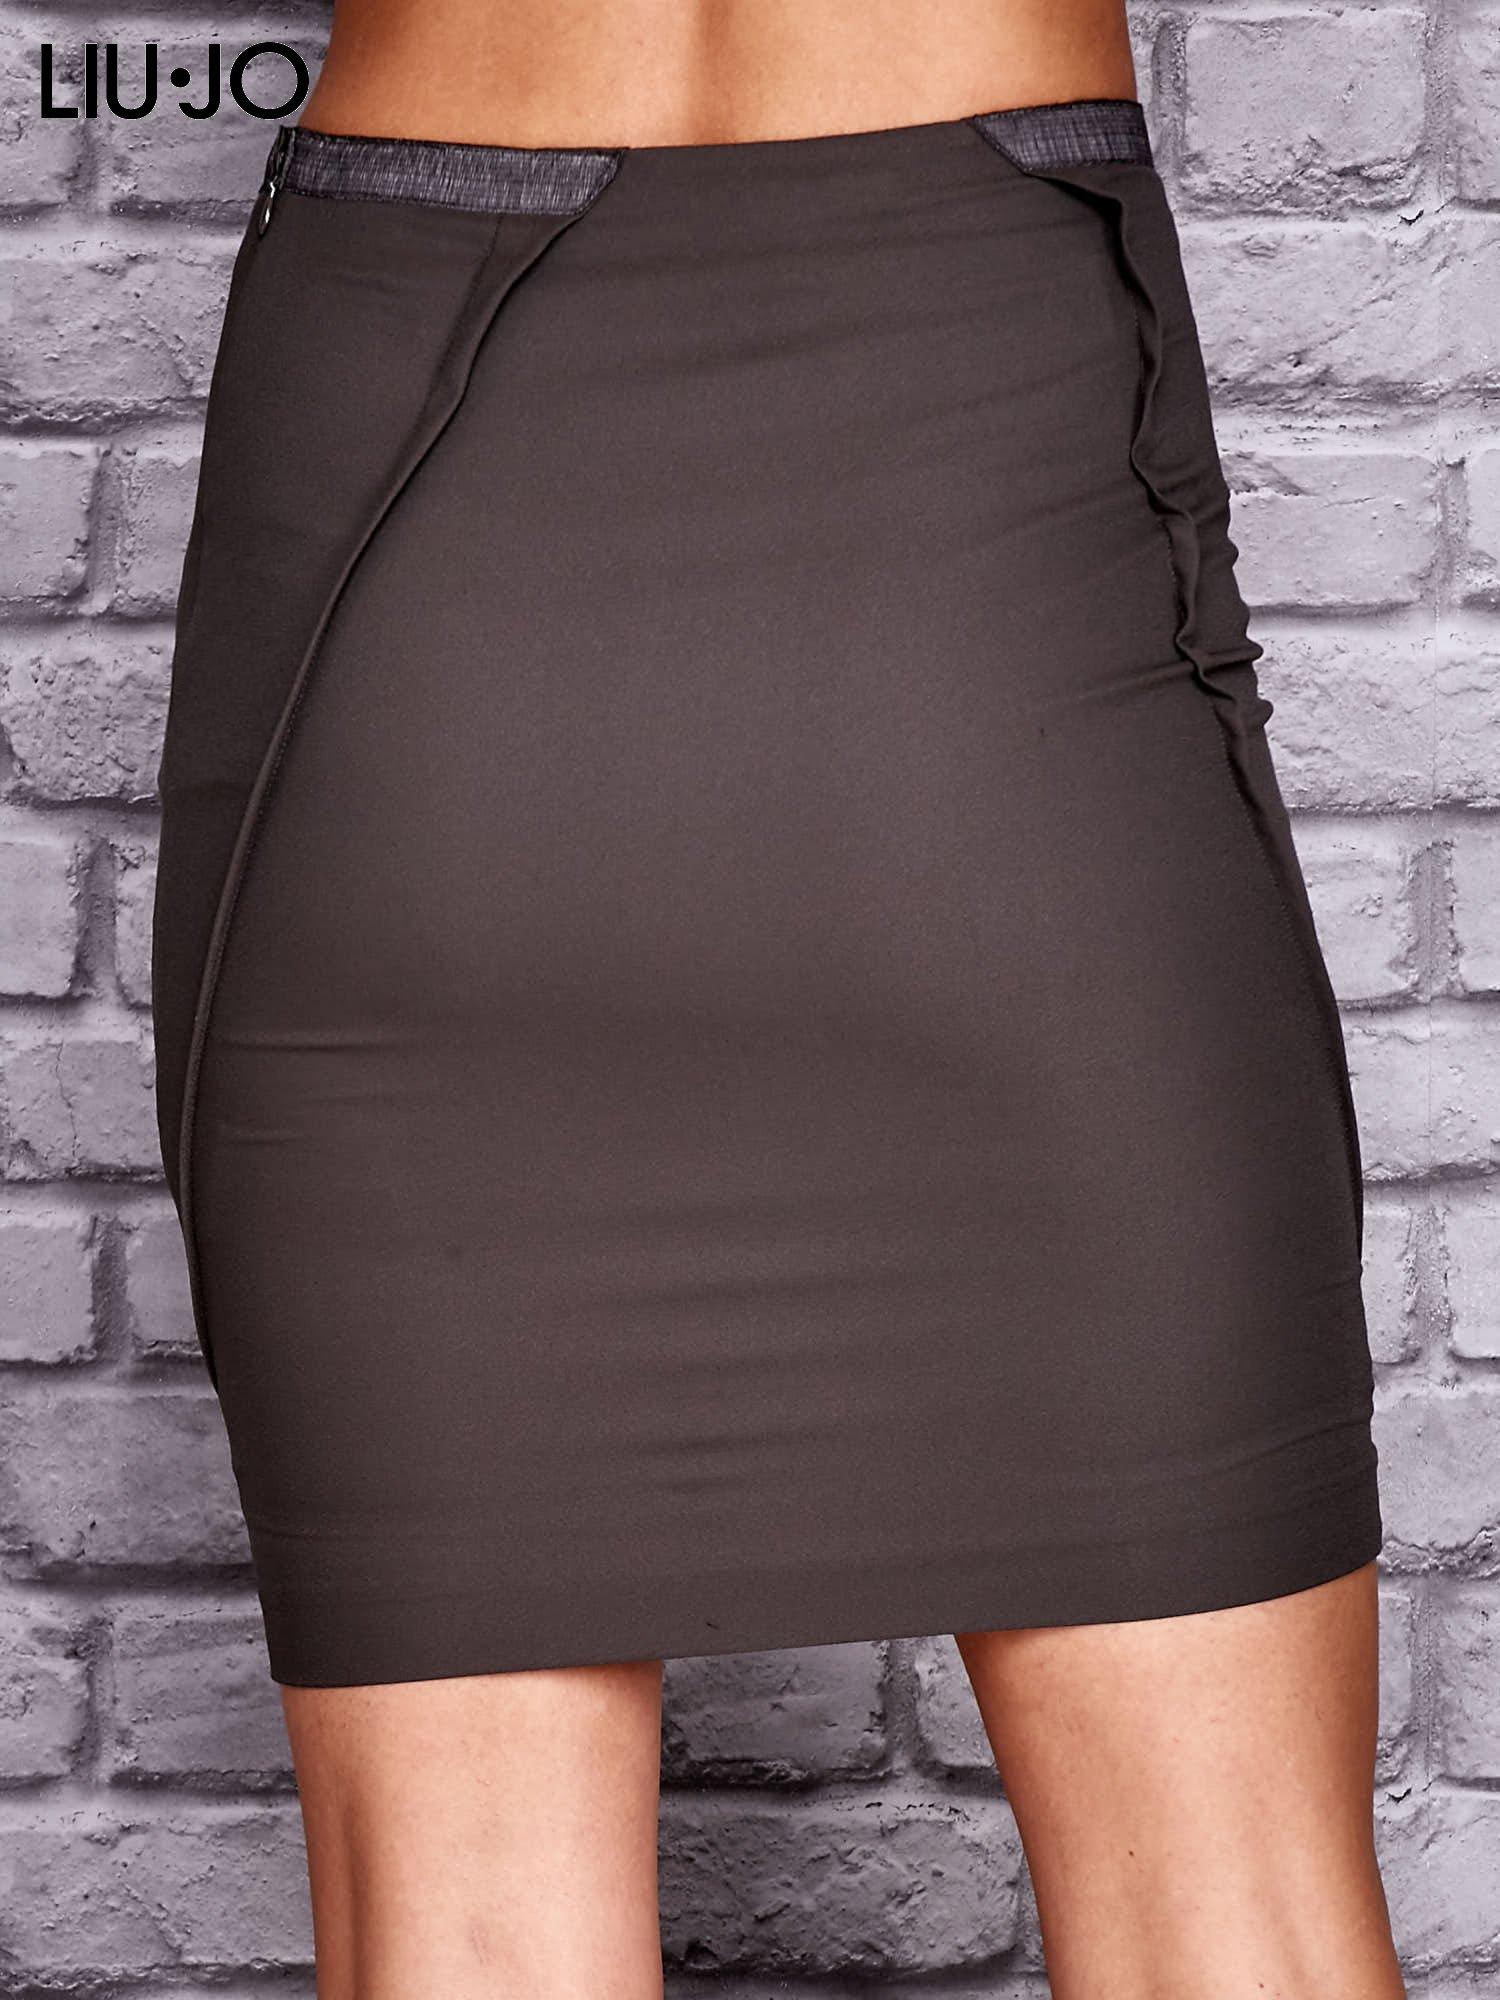 LIU JO Brązowa spódnica z zakładkami